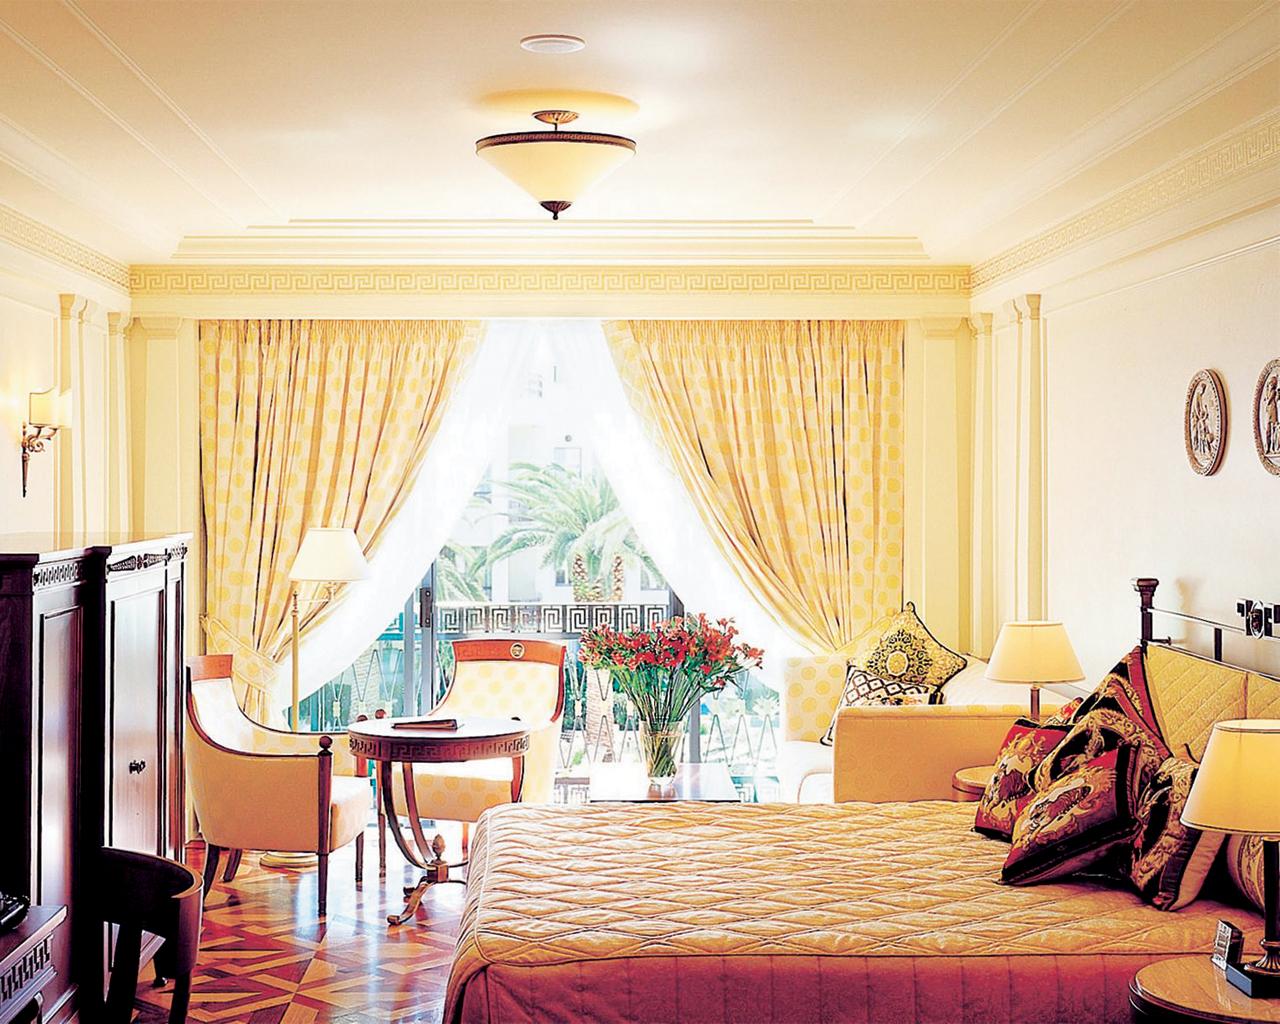 پروژه اتوکد هتل پنج ستاره